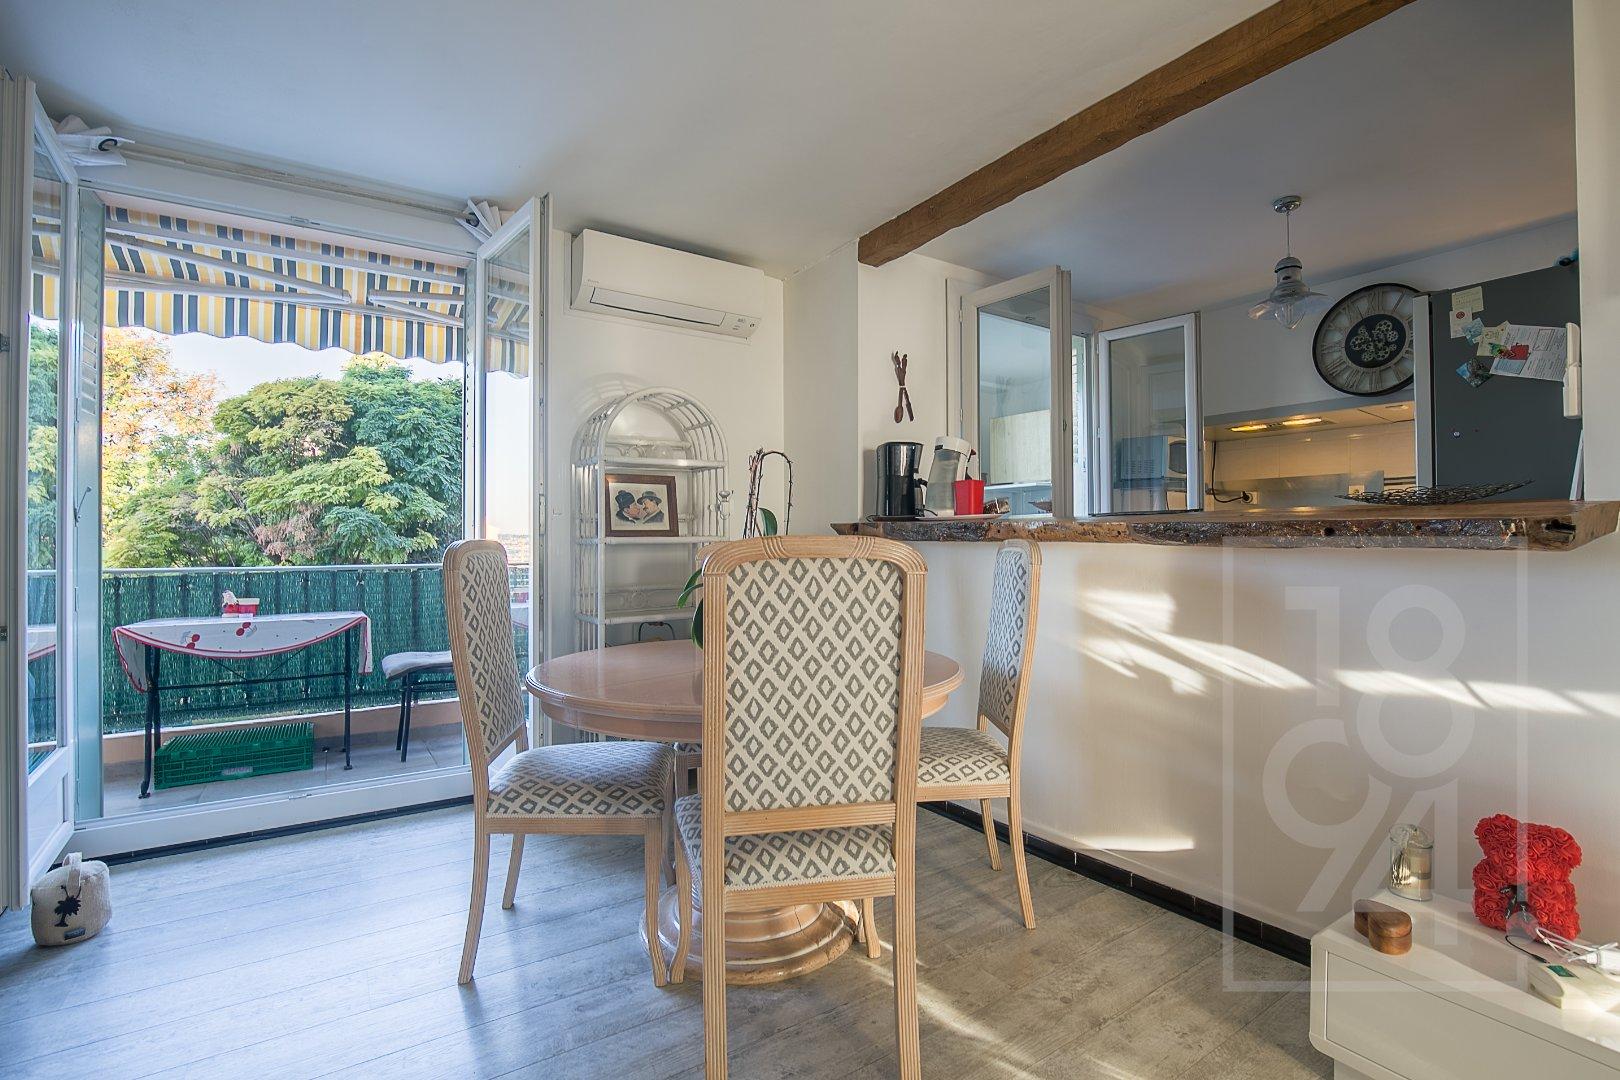 Appartement T3 54m² dans une résidence sécurisée avec parc